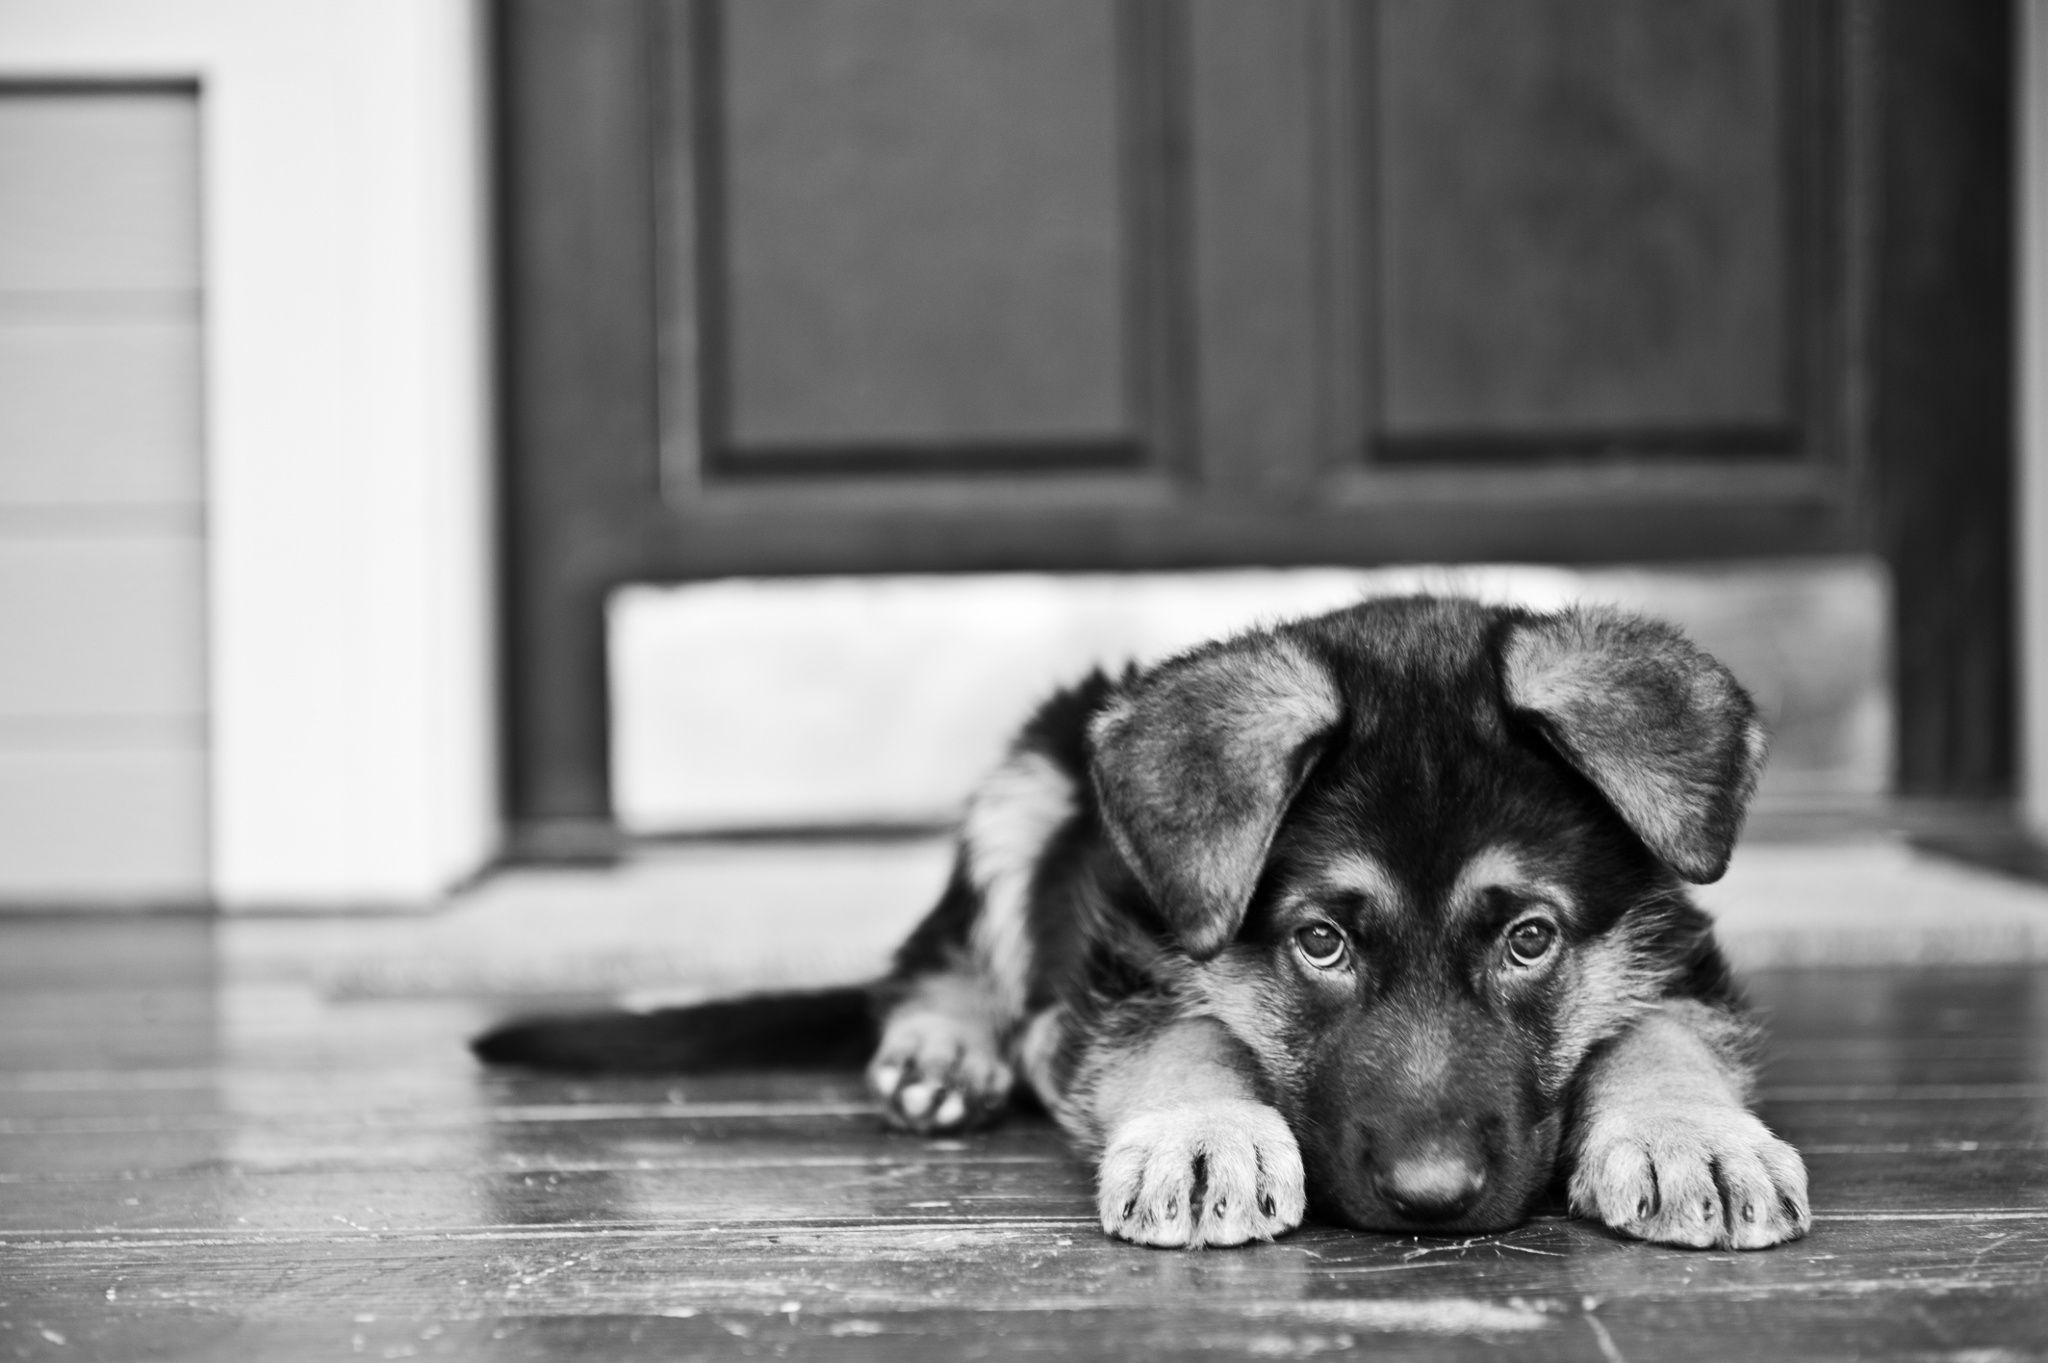 грустная картинка щенка детальном